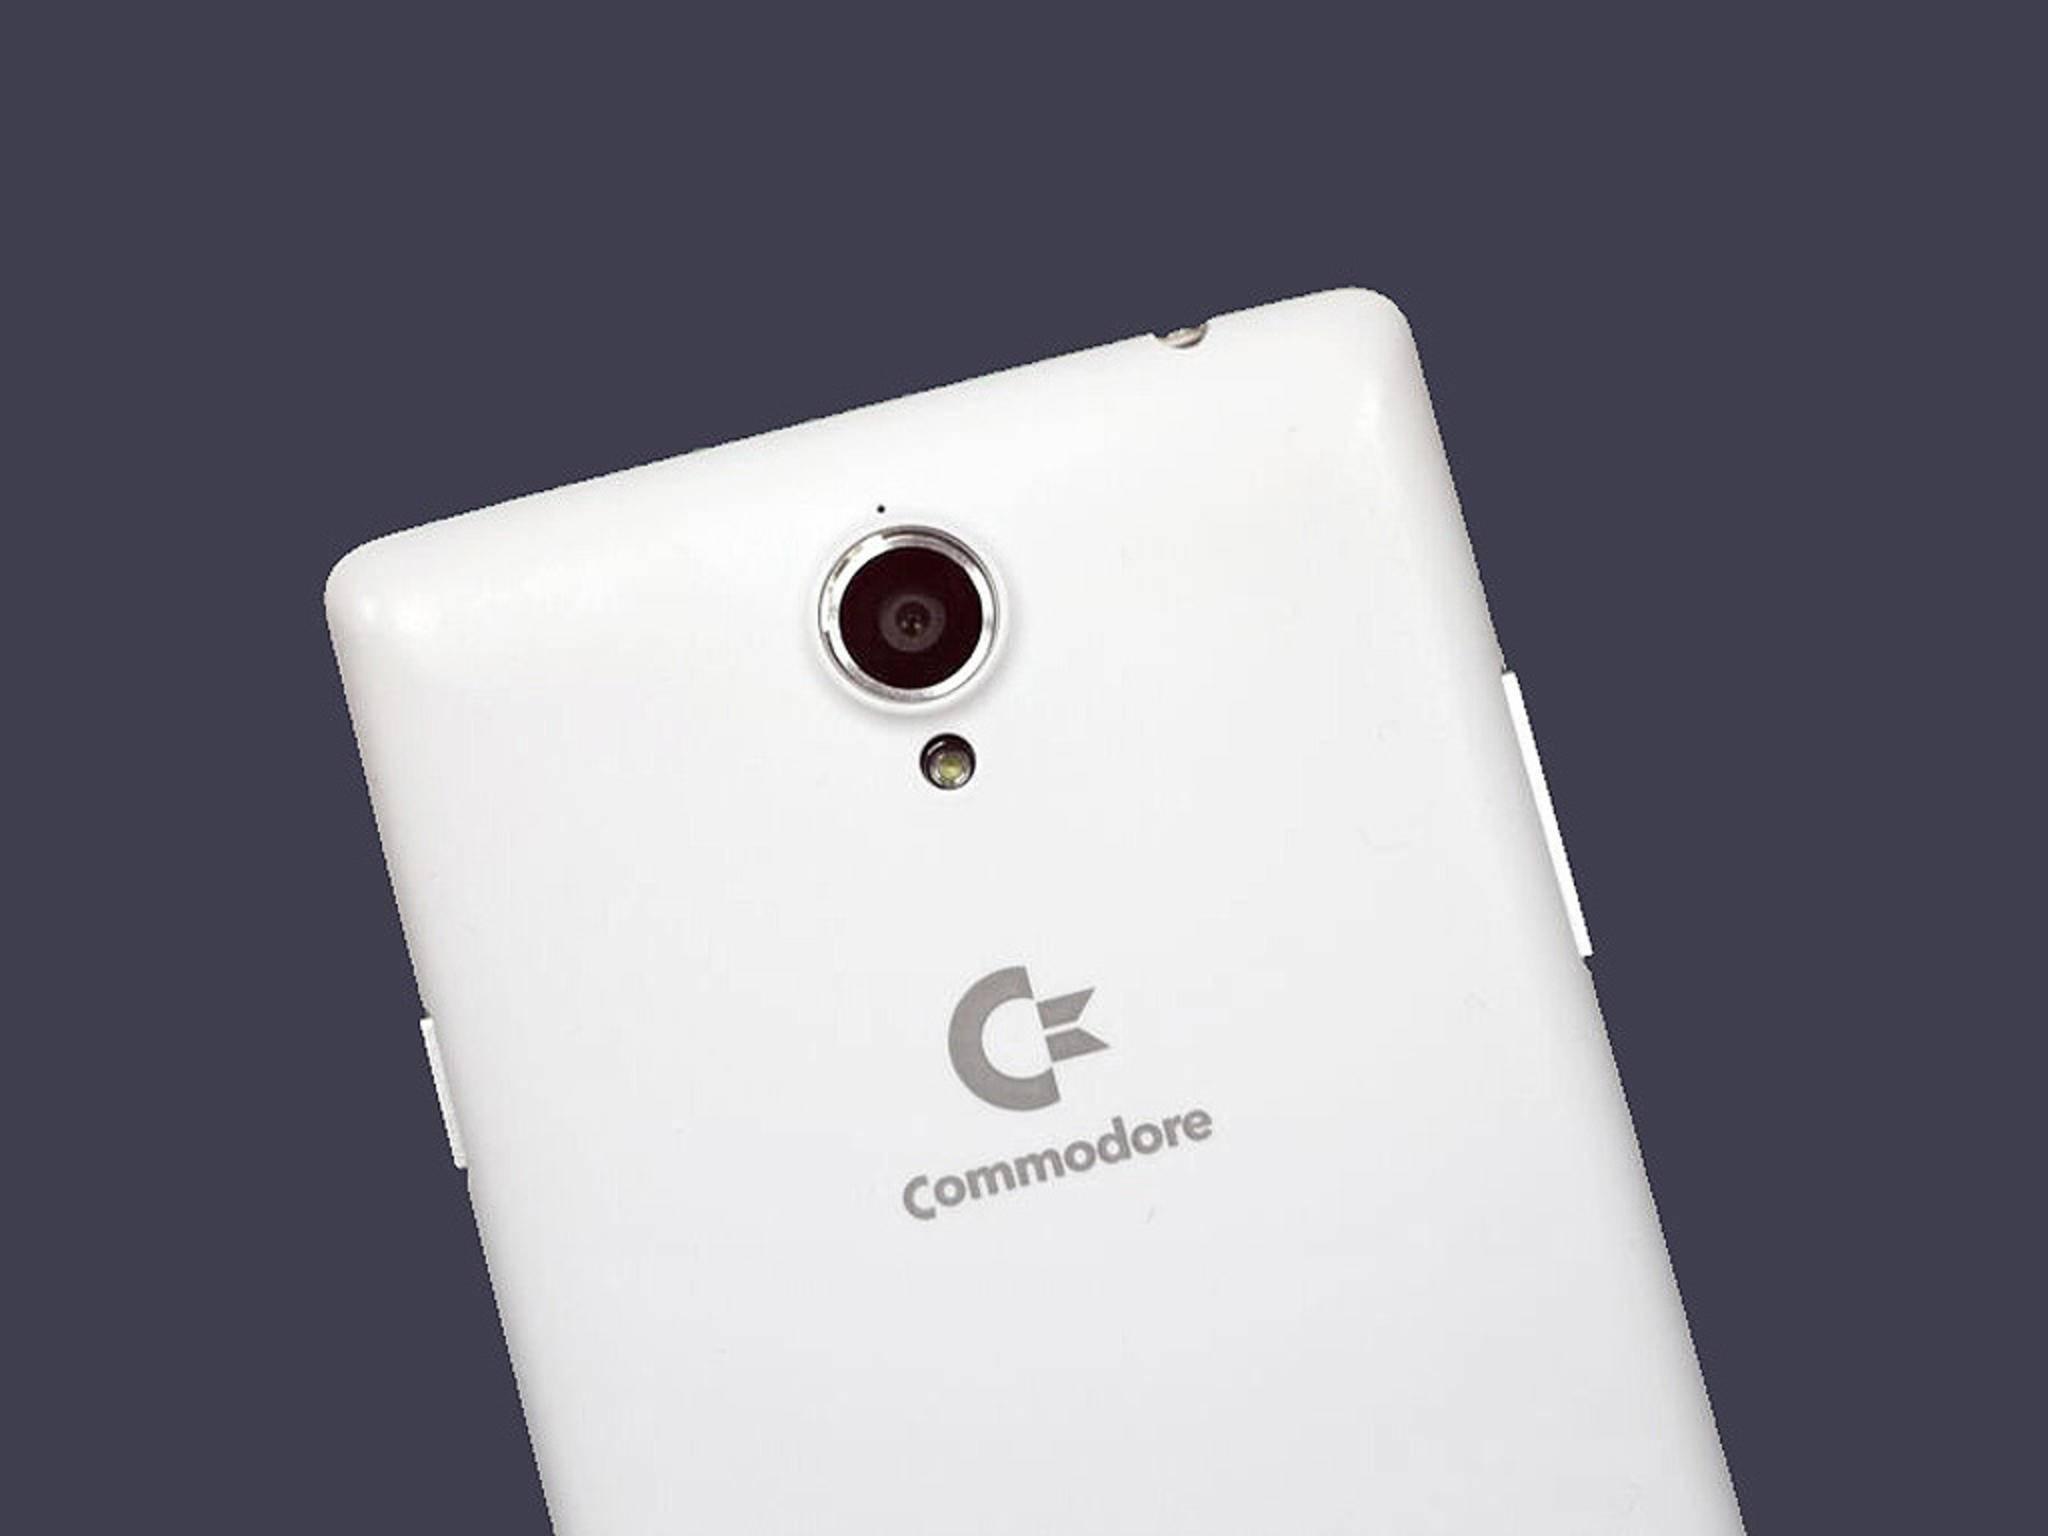 Mit dem PET veröffentlicht Commodore in Kürze sein erstes Smartphone überhaupt.